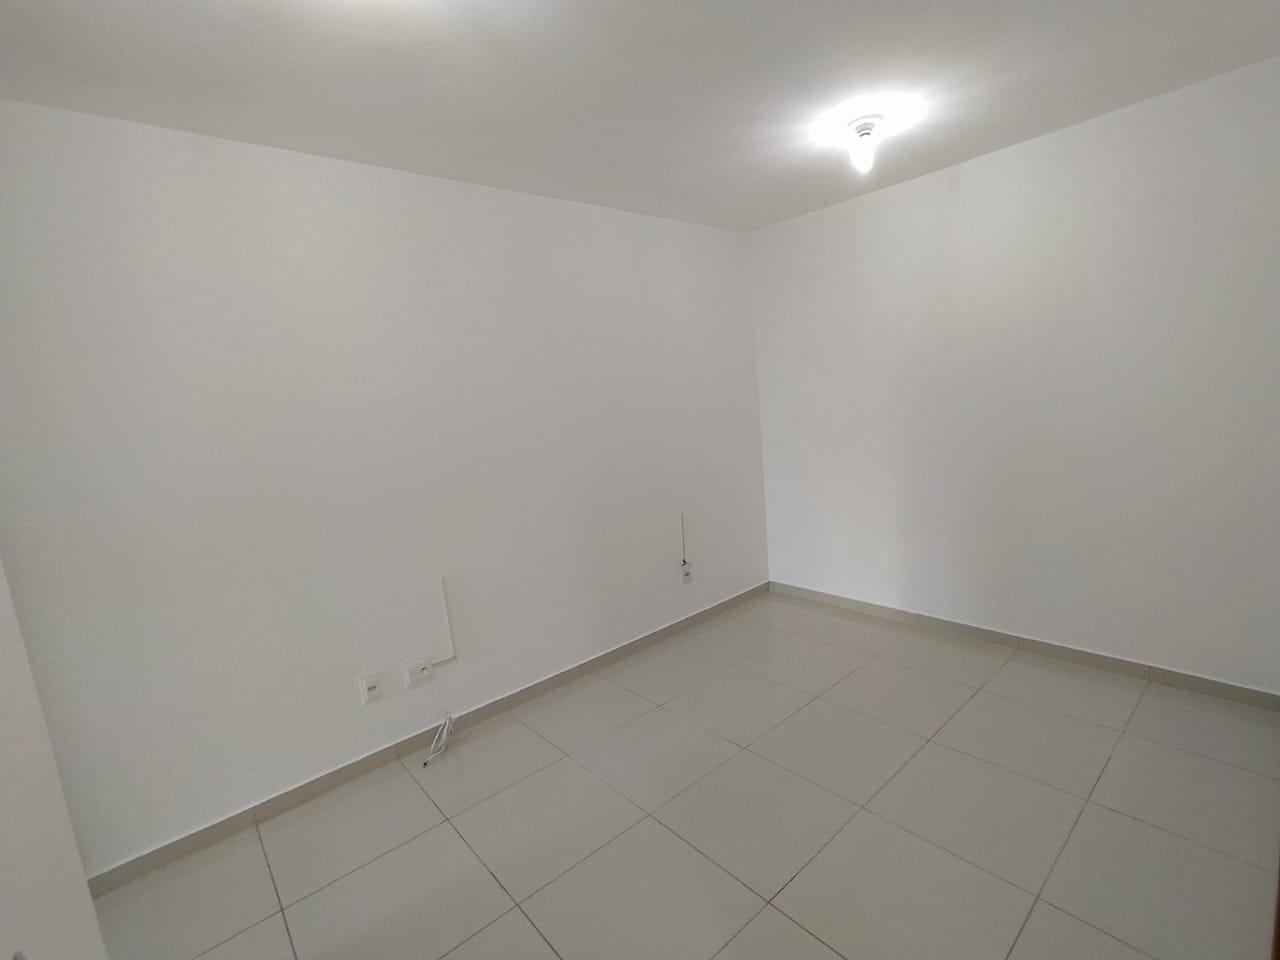 AC 2 - Apto 02 quartos com armários e iluminação natural!